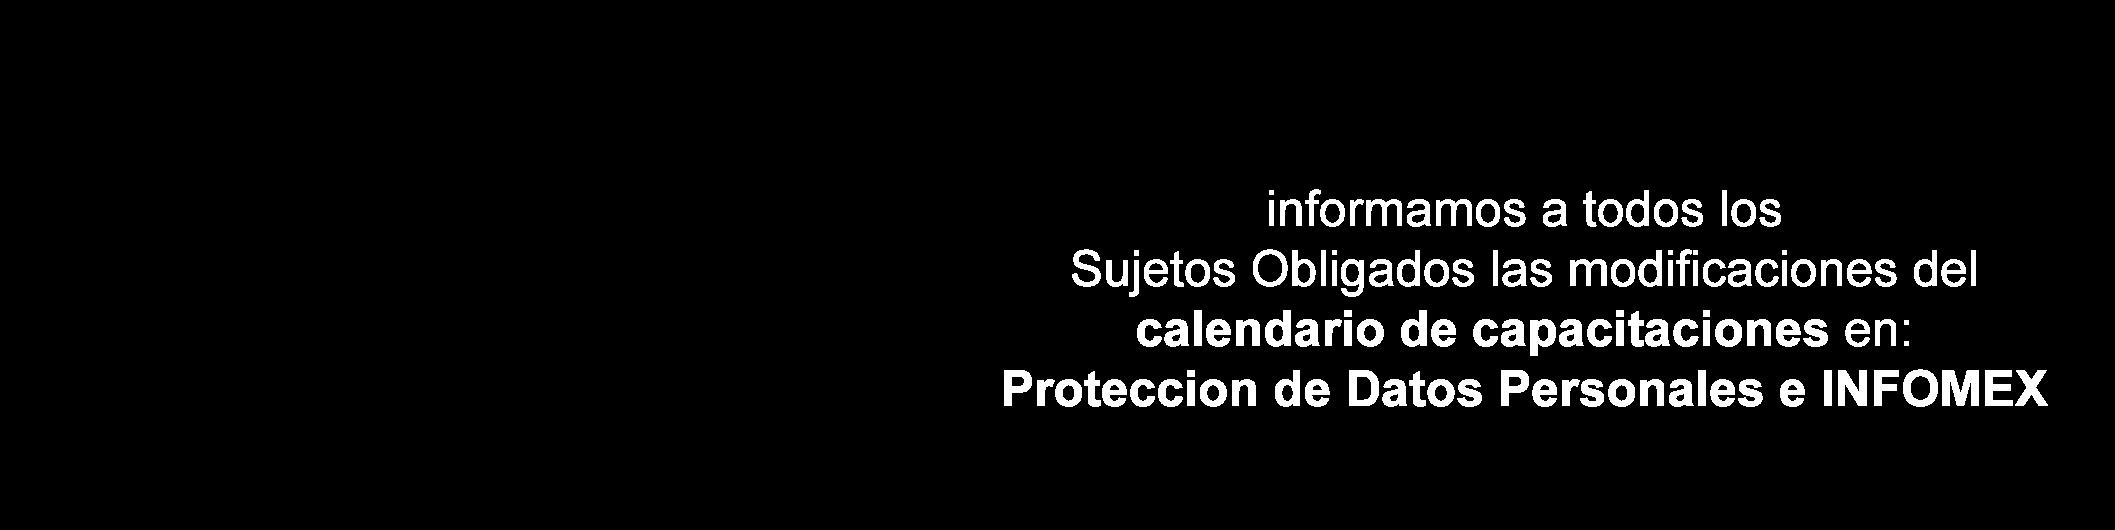 texto_calendariocapacitaciones.png